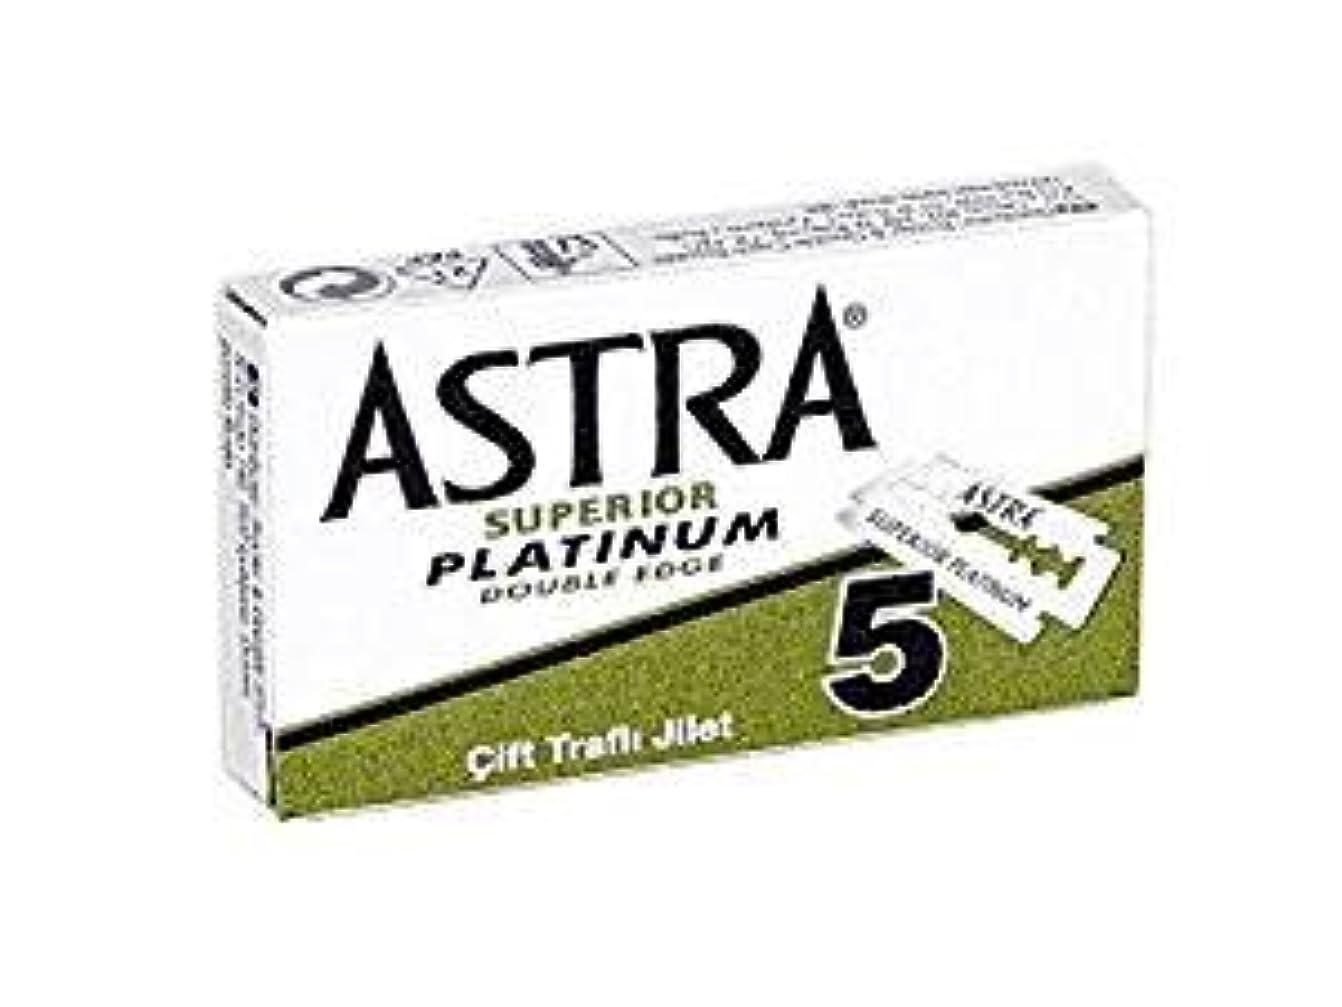 メダルパレード溝Astra Superior Platinum (アストラ 優れたプラチナ) 両刃替刃 25個入り (5 x 5) [並行輸入品]